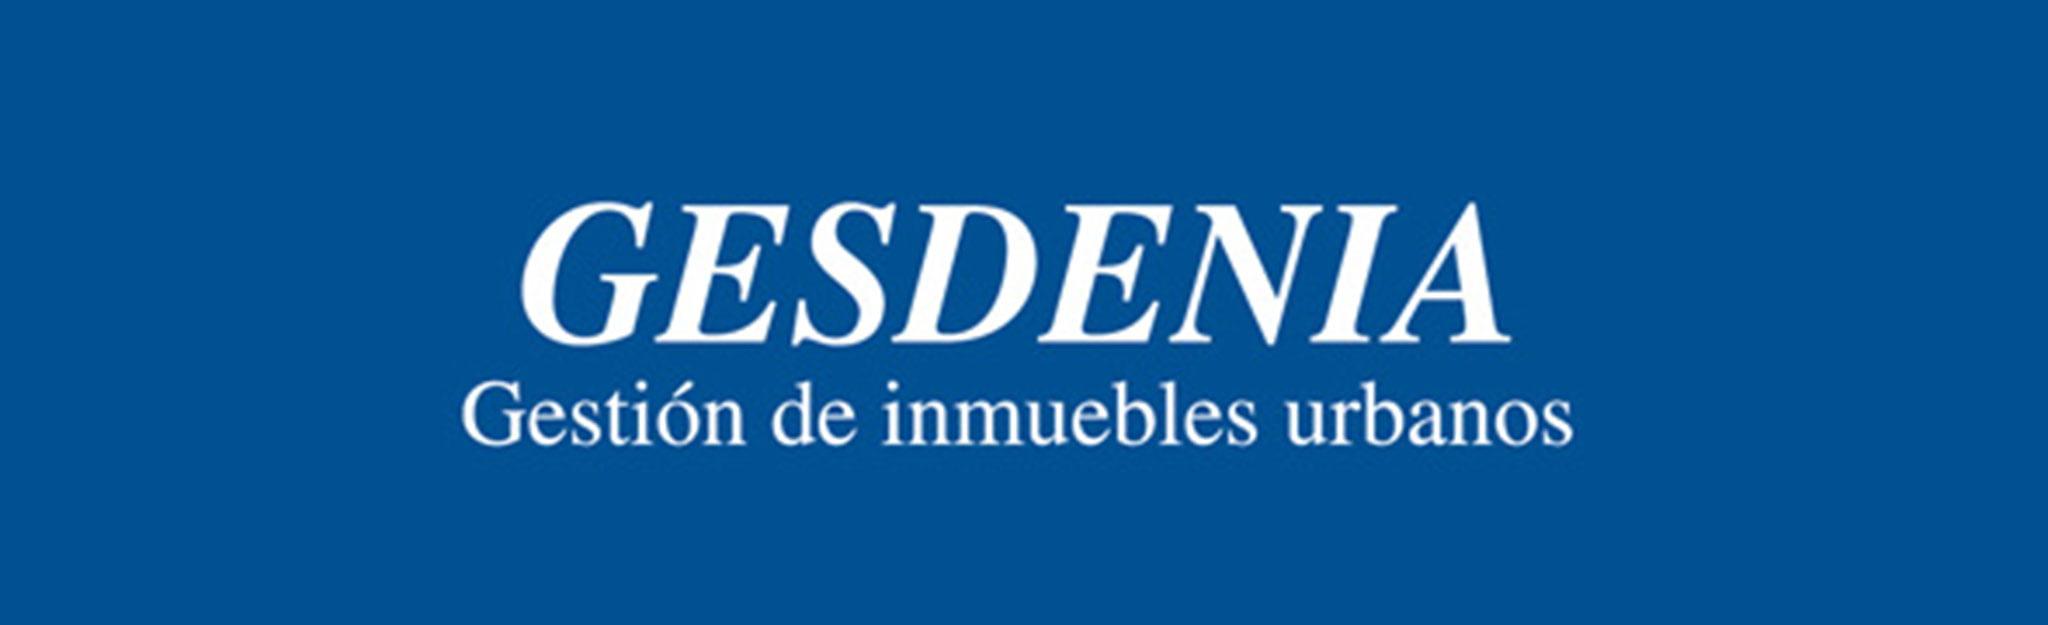 Logotipo de Gesdenia